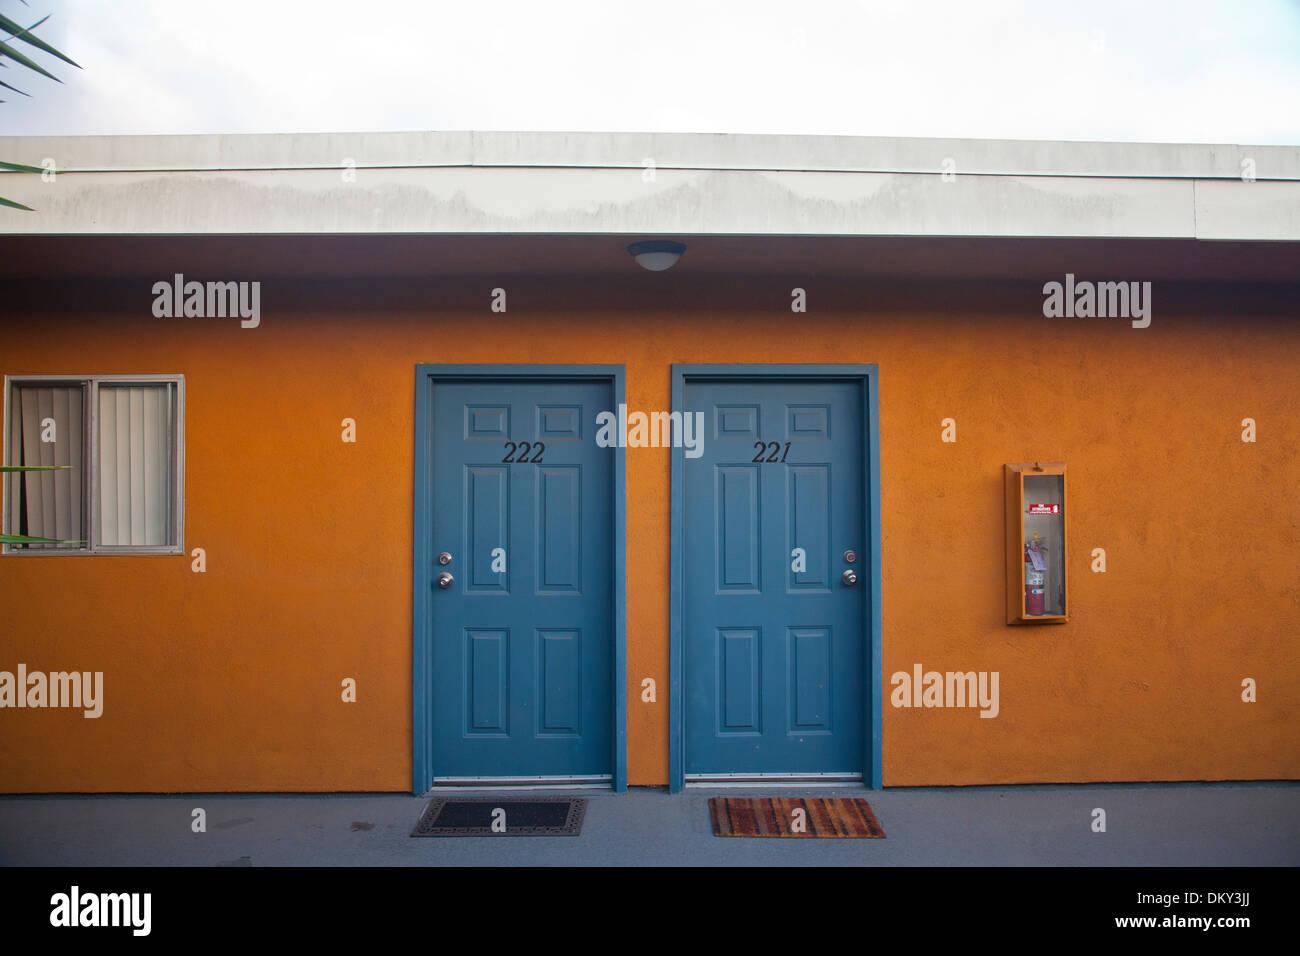 Appartamento porte, Culver City, nella contea di Los Angeles, California, Stati Uniti d'America Immagini Stock